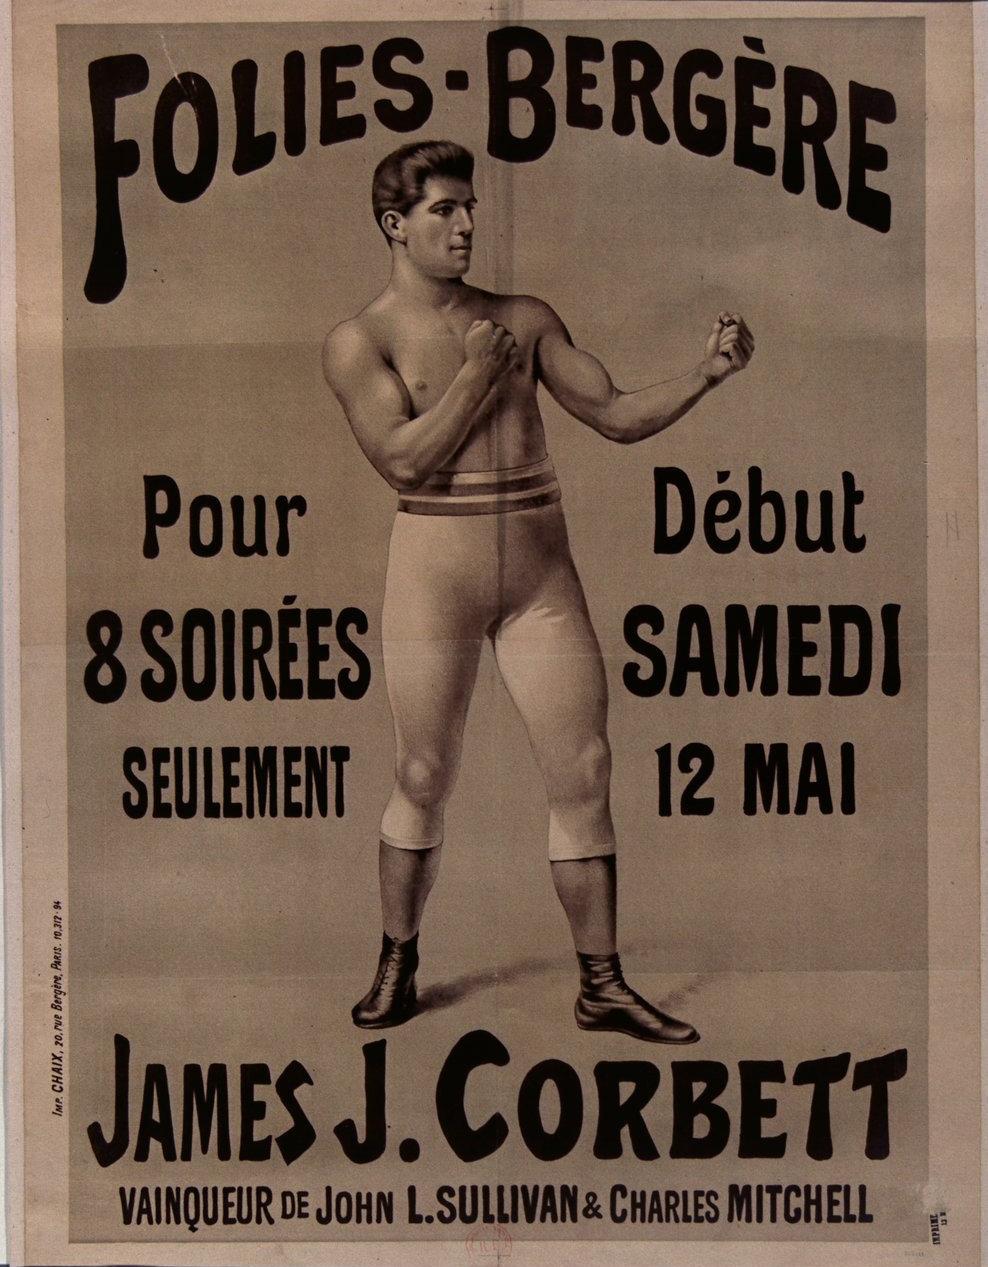 Folies-Bergère, James J. Corbett, 1890, unknown, Bibliothèque Nationale de France, Public Domain Mark